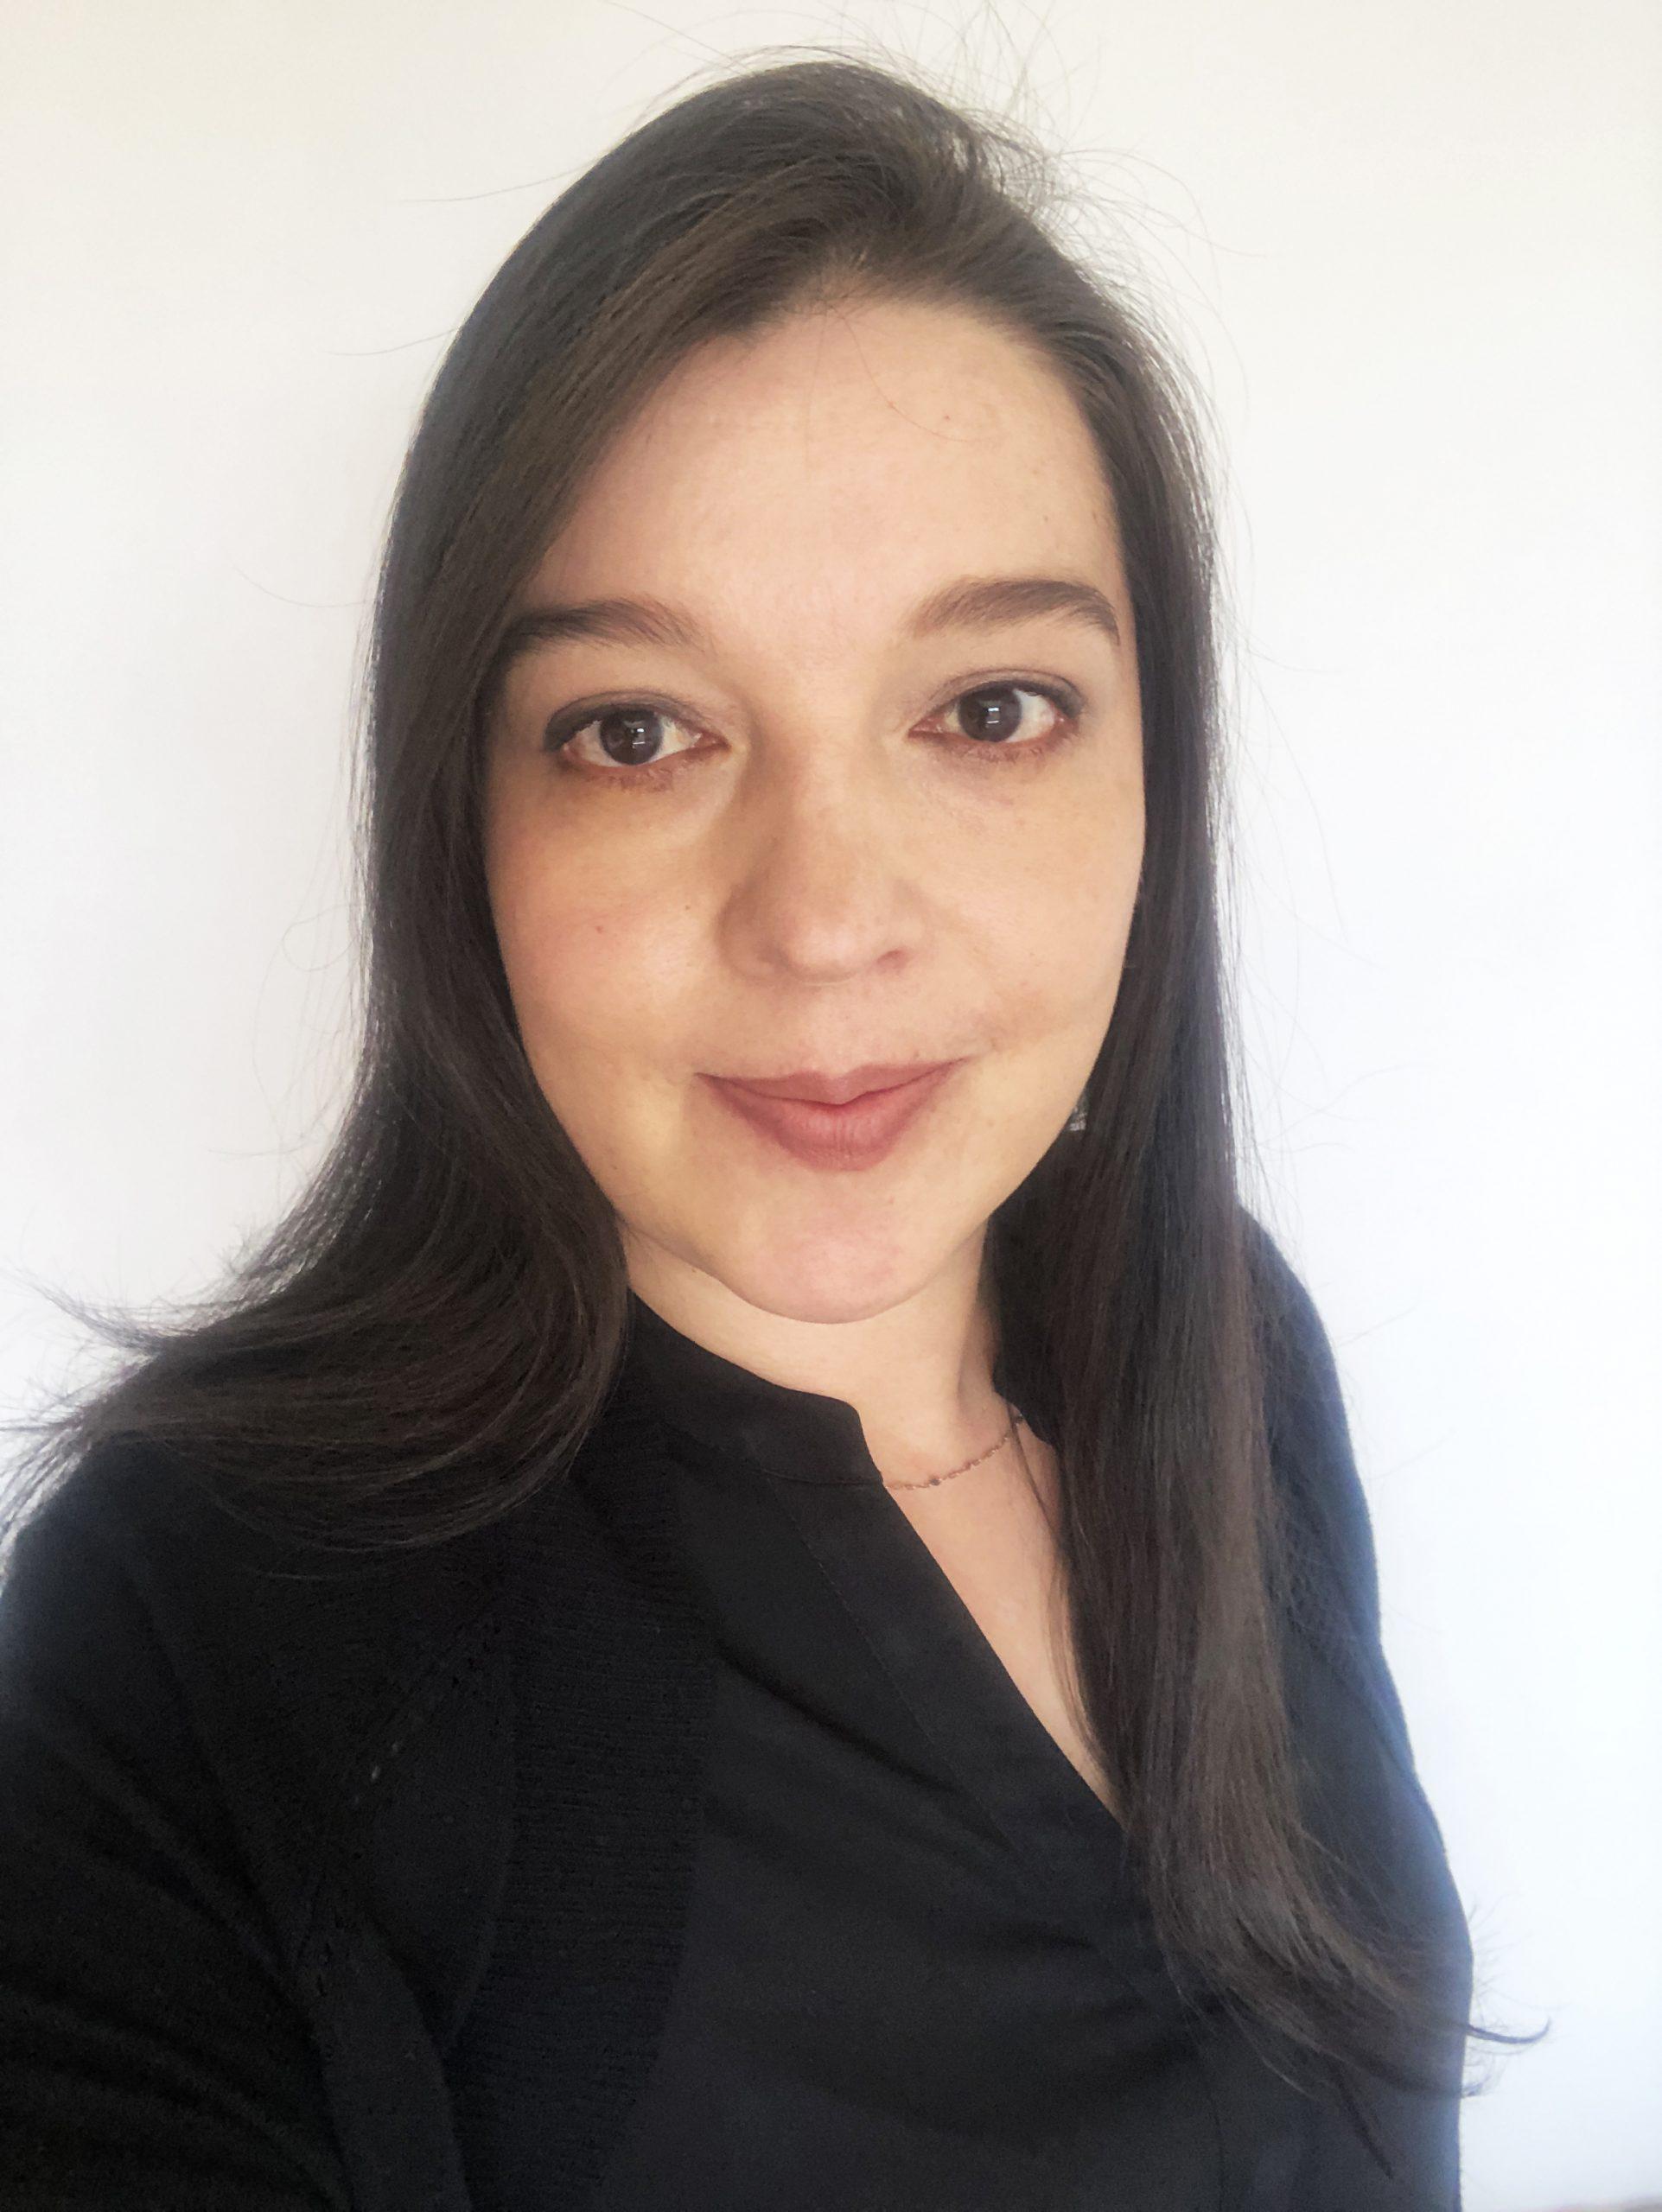 Fotografía de María Del Pilar Rodríguez Páez